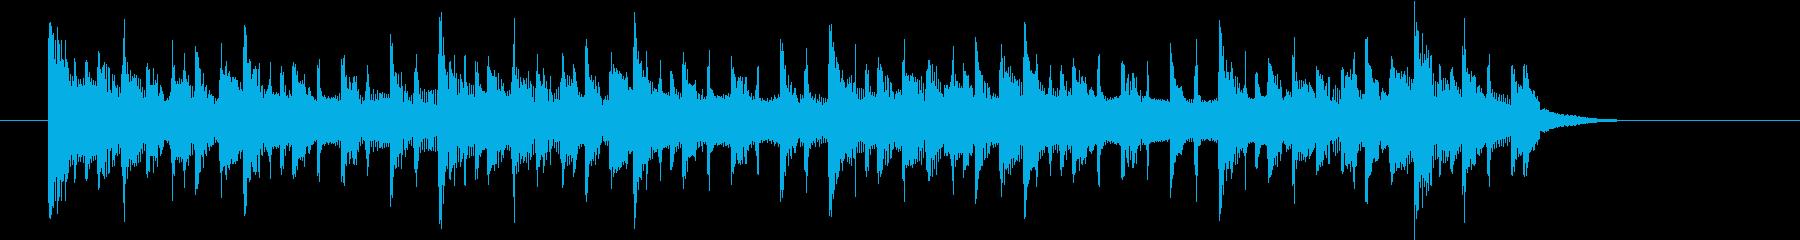 焦らす要素のあるシンキングタイムジングルの再生済みの波形